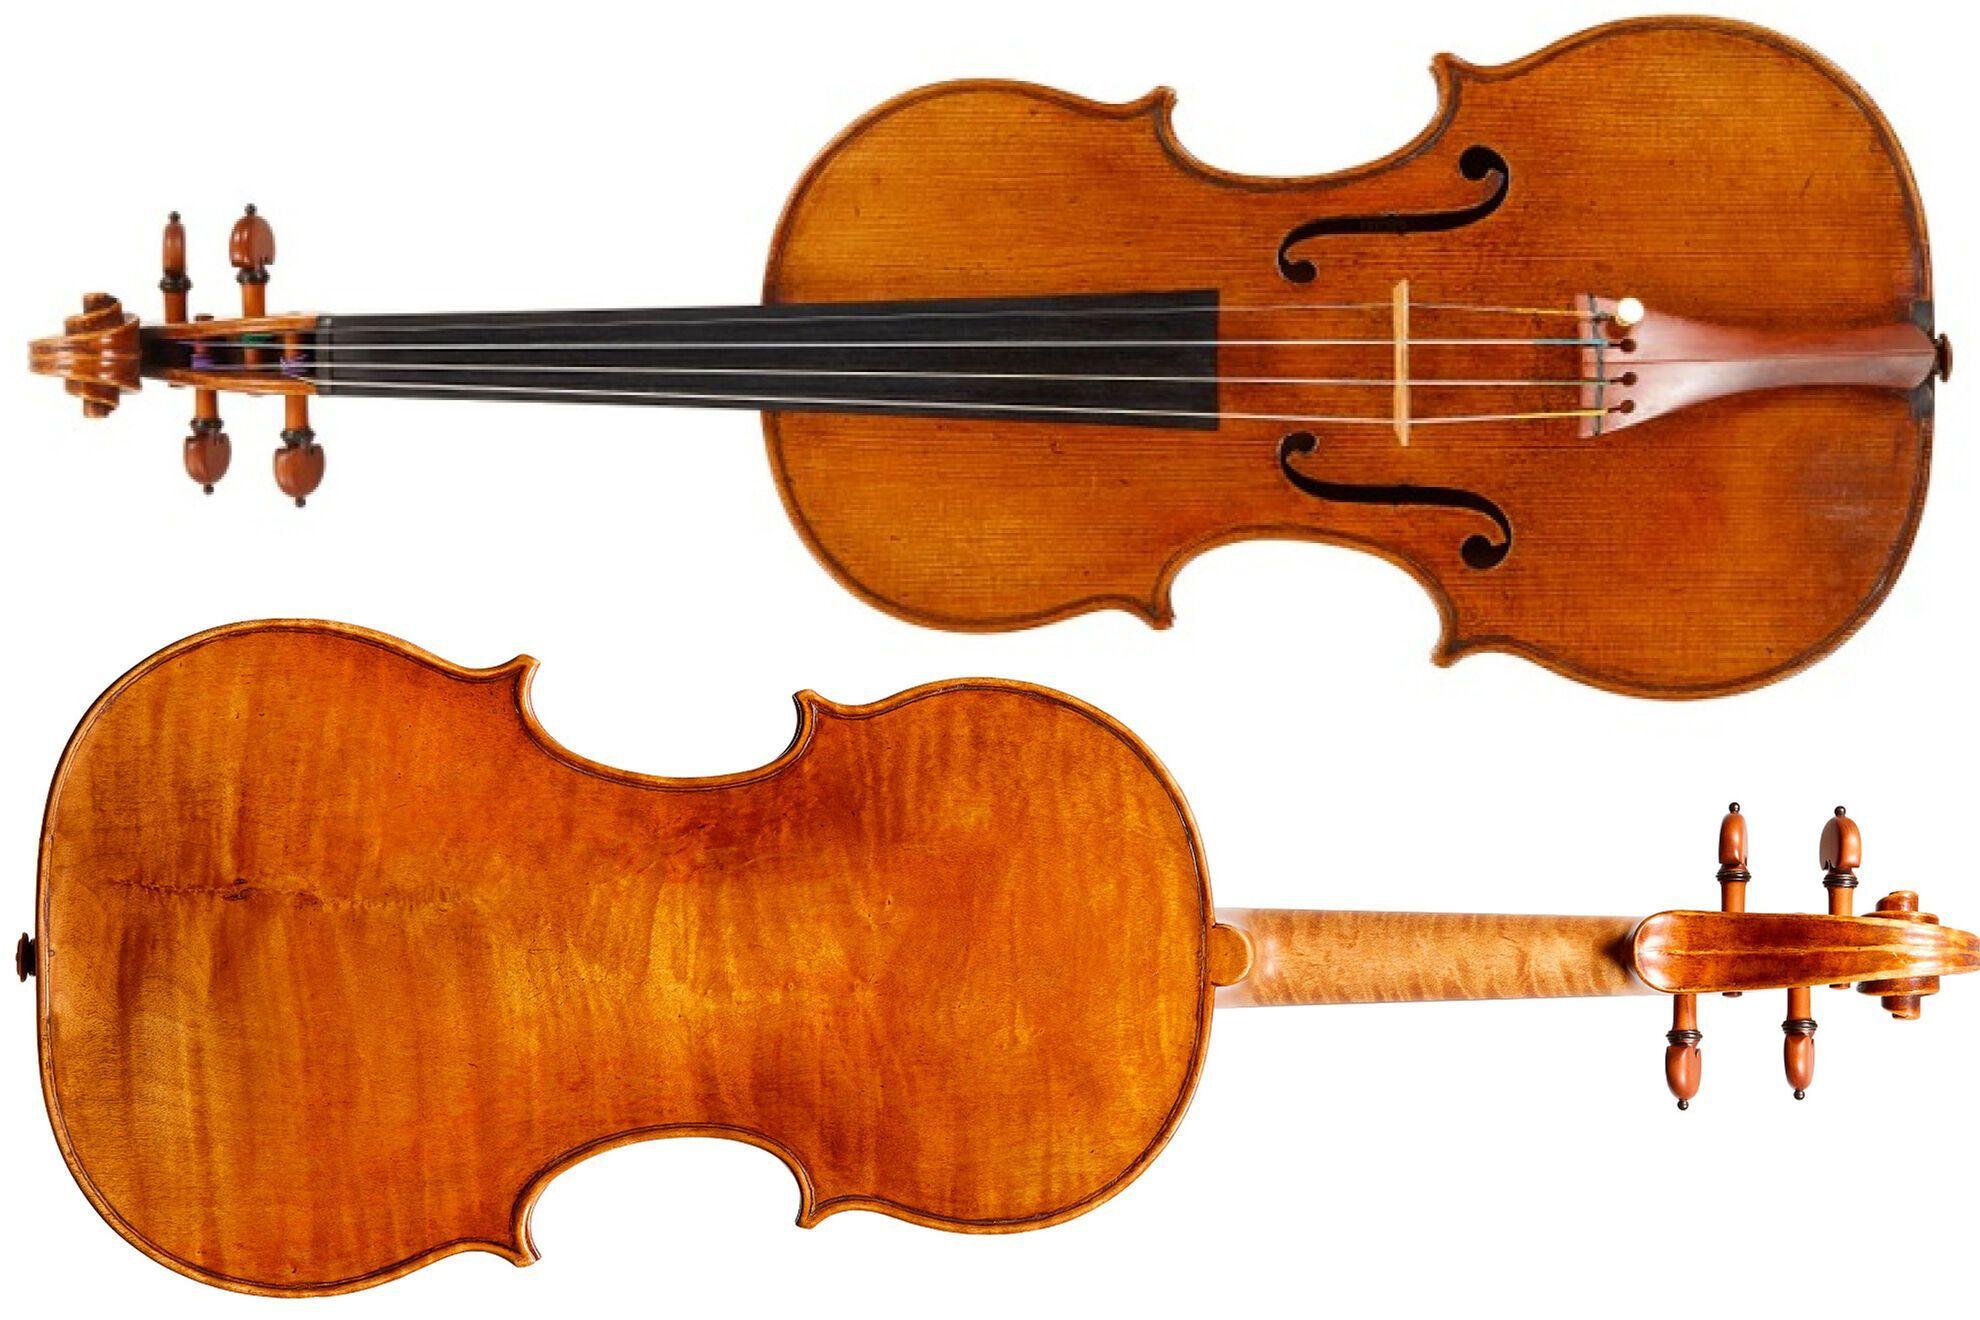 Украденная скрипка была изготовлена в 1710 году Иеронимом Амати